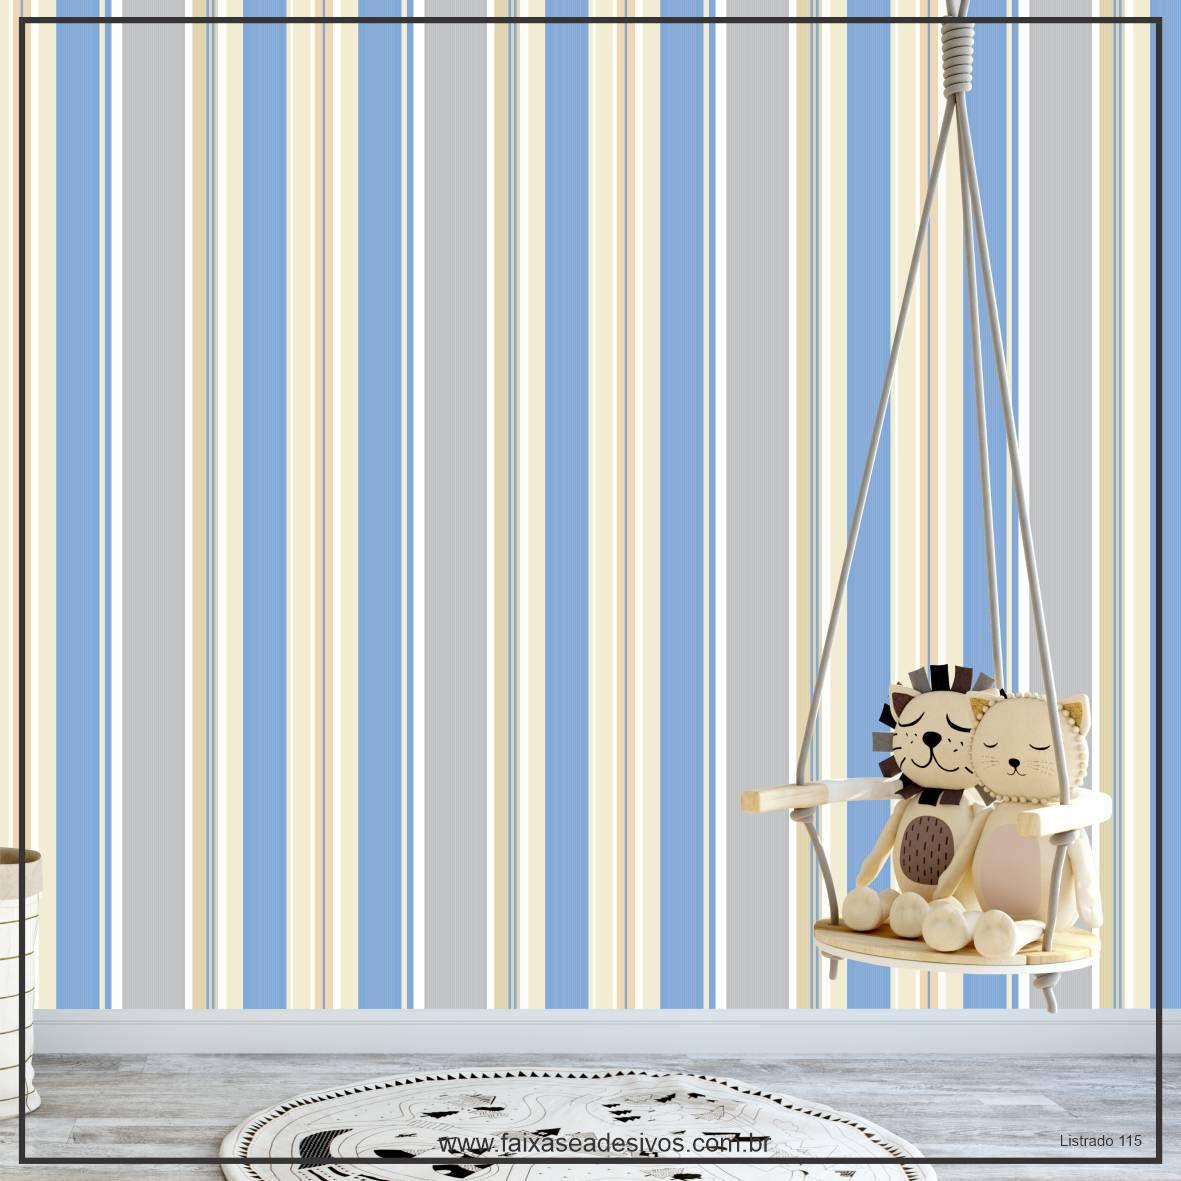 027 - Adesivo Decorativo de parede Listras azul com pastel - 58cm larg  - Fac Signs